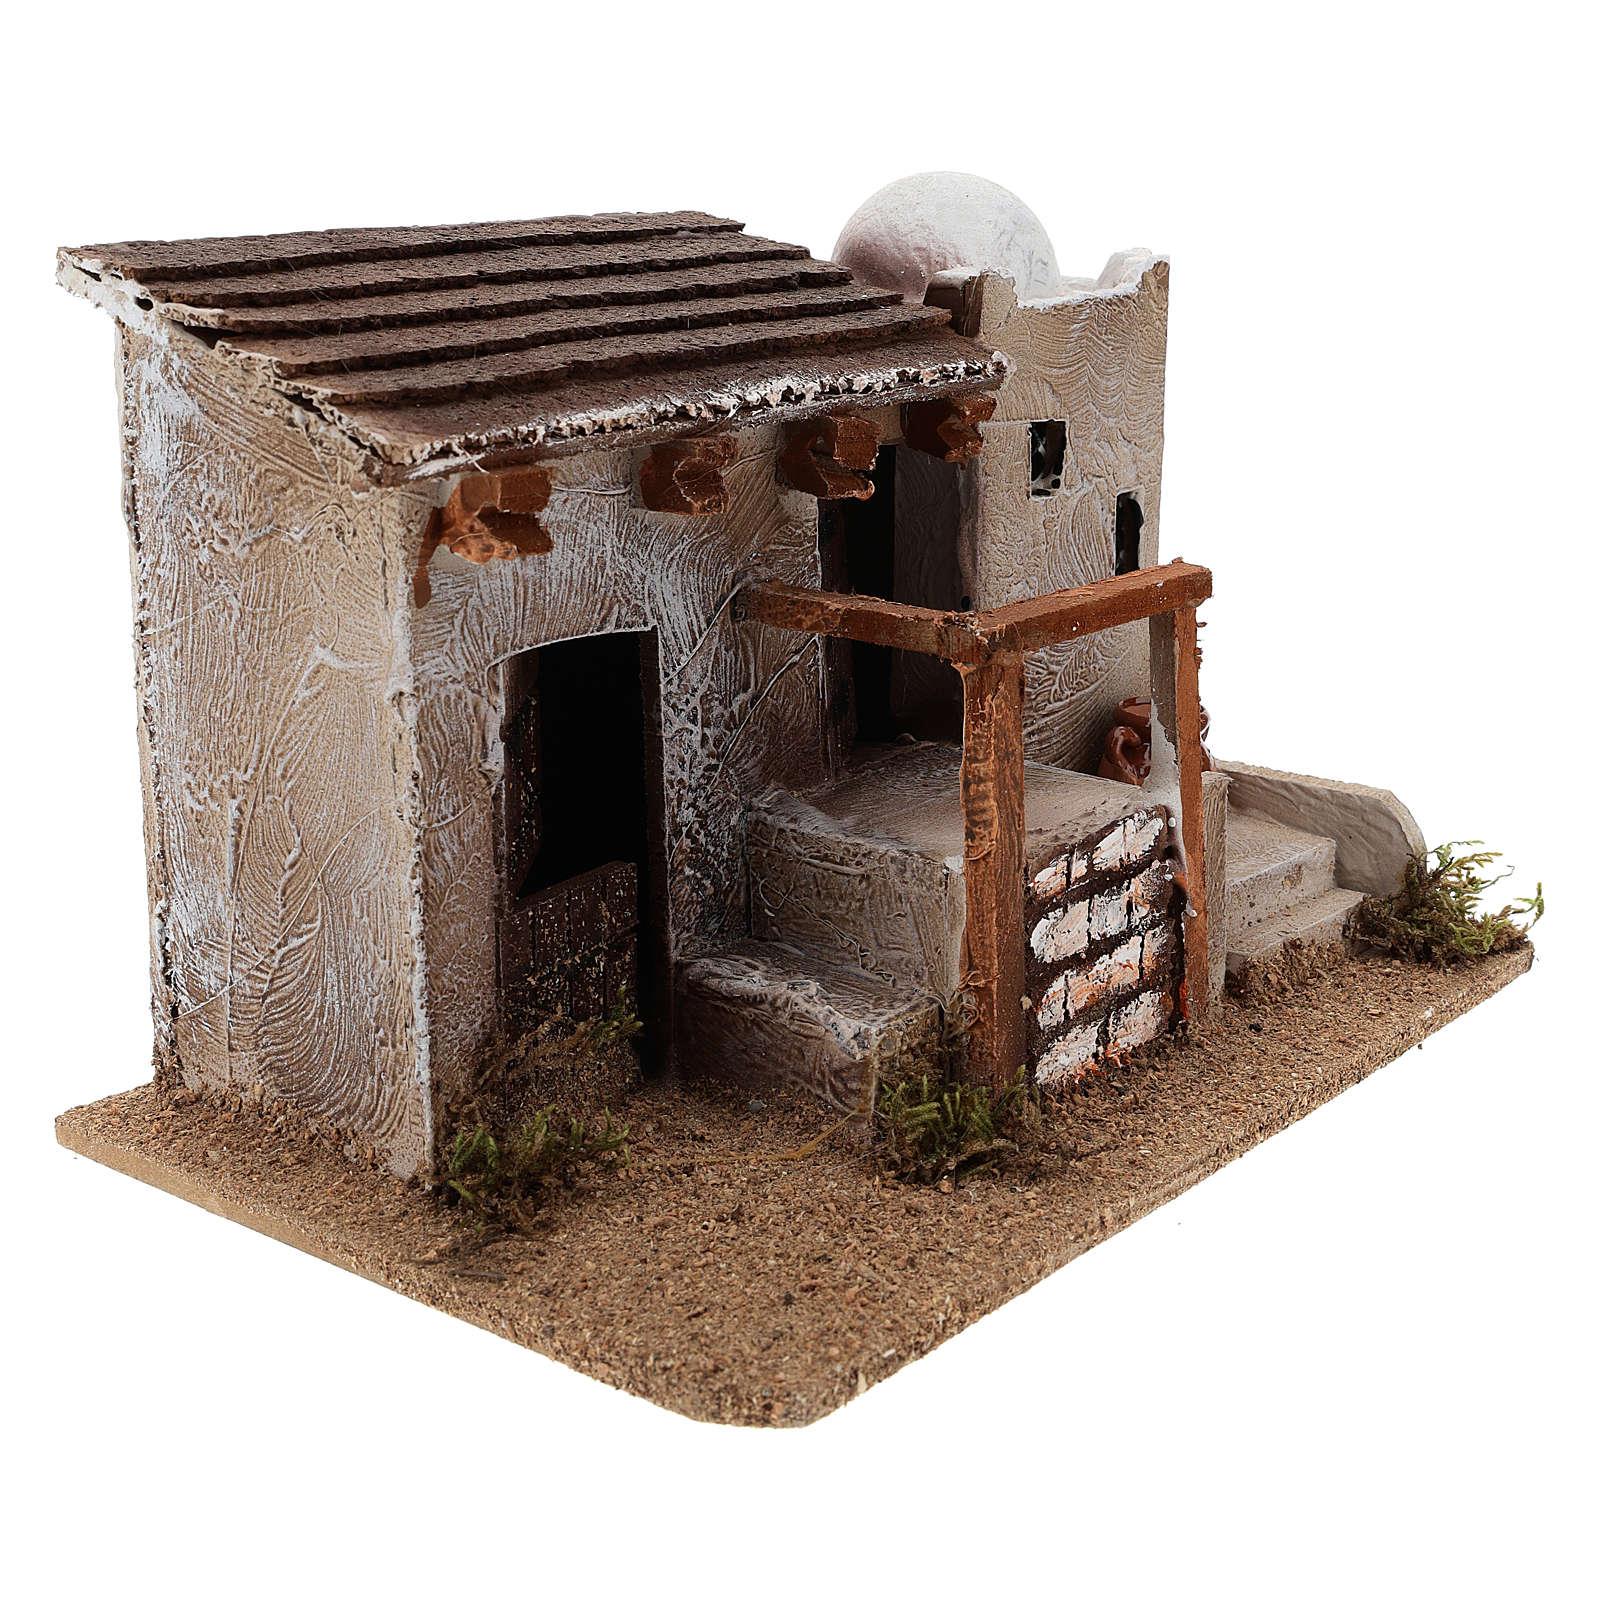 Maison pour crèche en style arabe avec vase terre cuite 15x25x15 cm 4